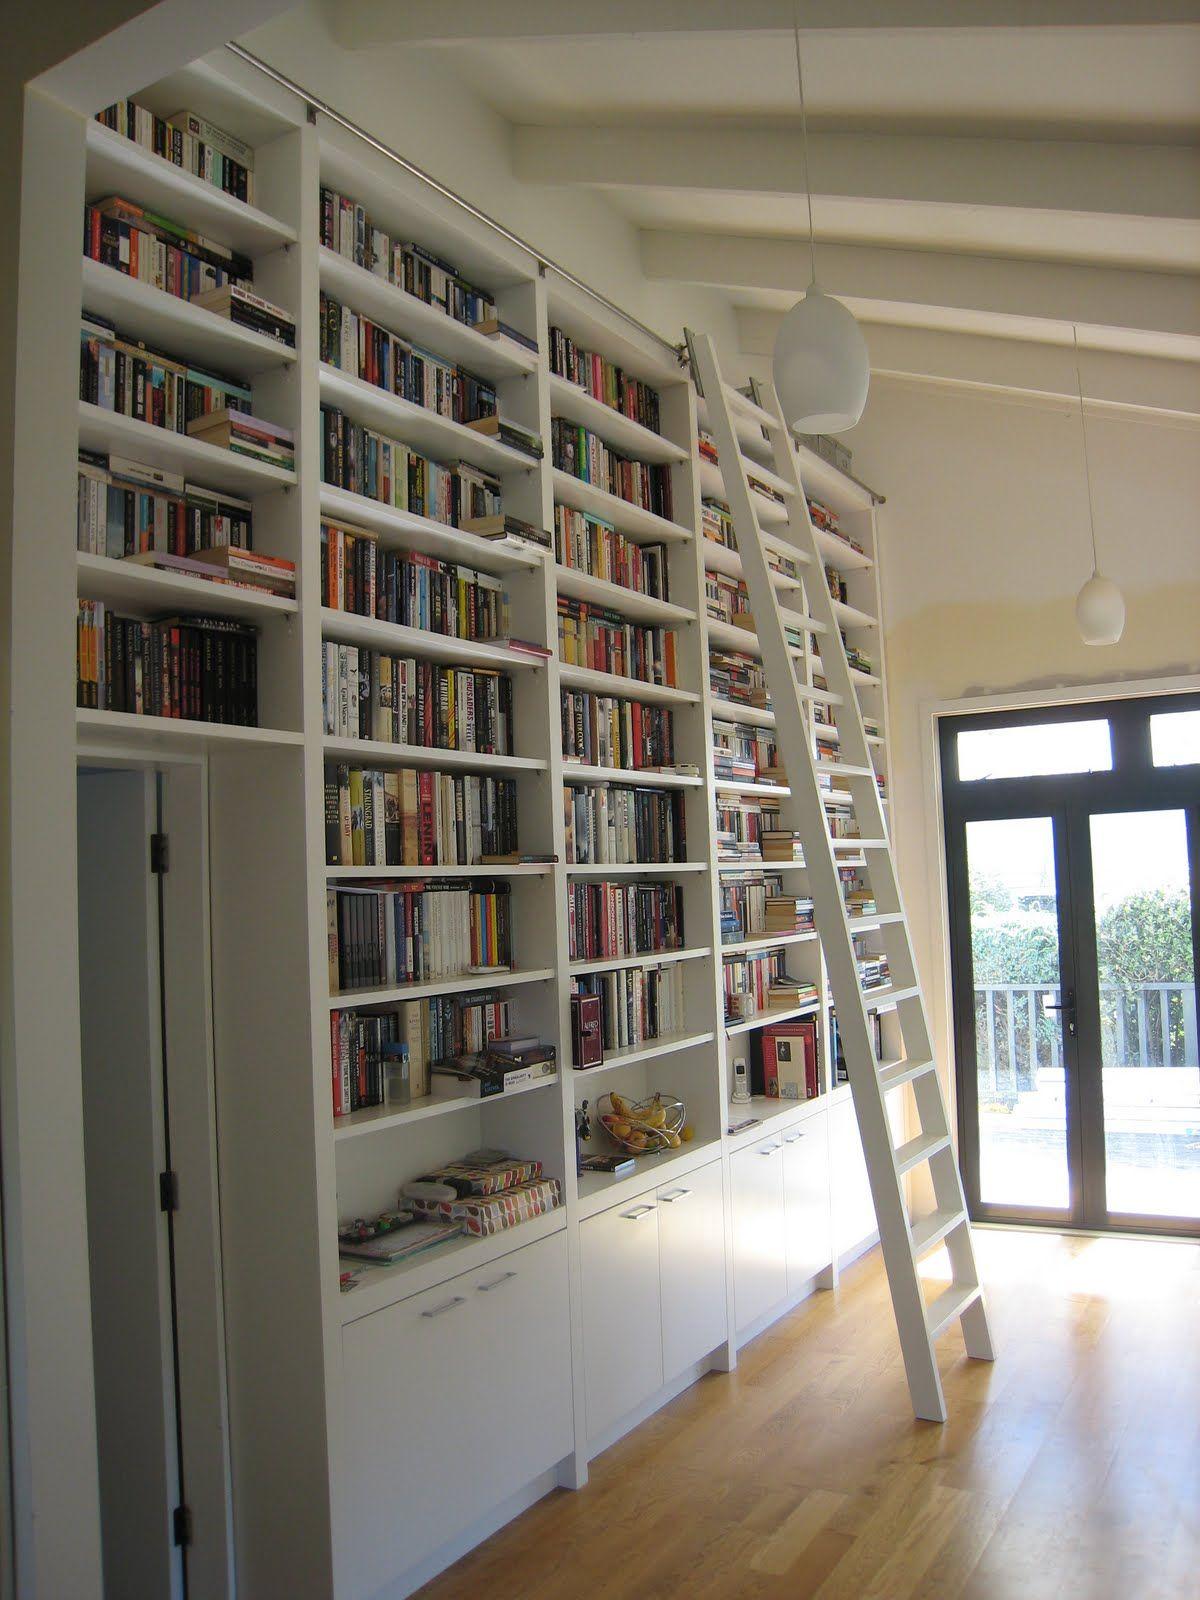 Image result for book shelves with ladder ADU 2018